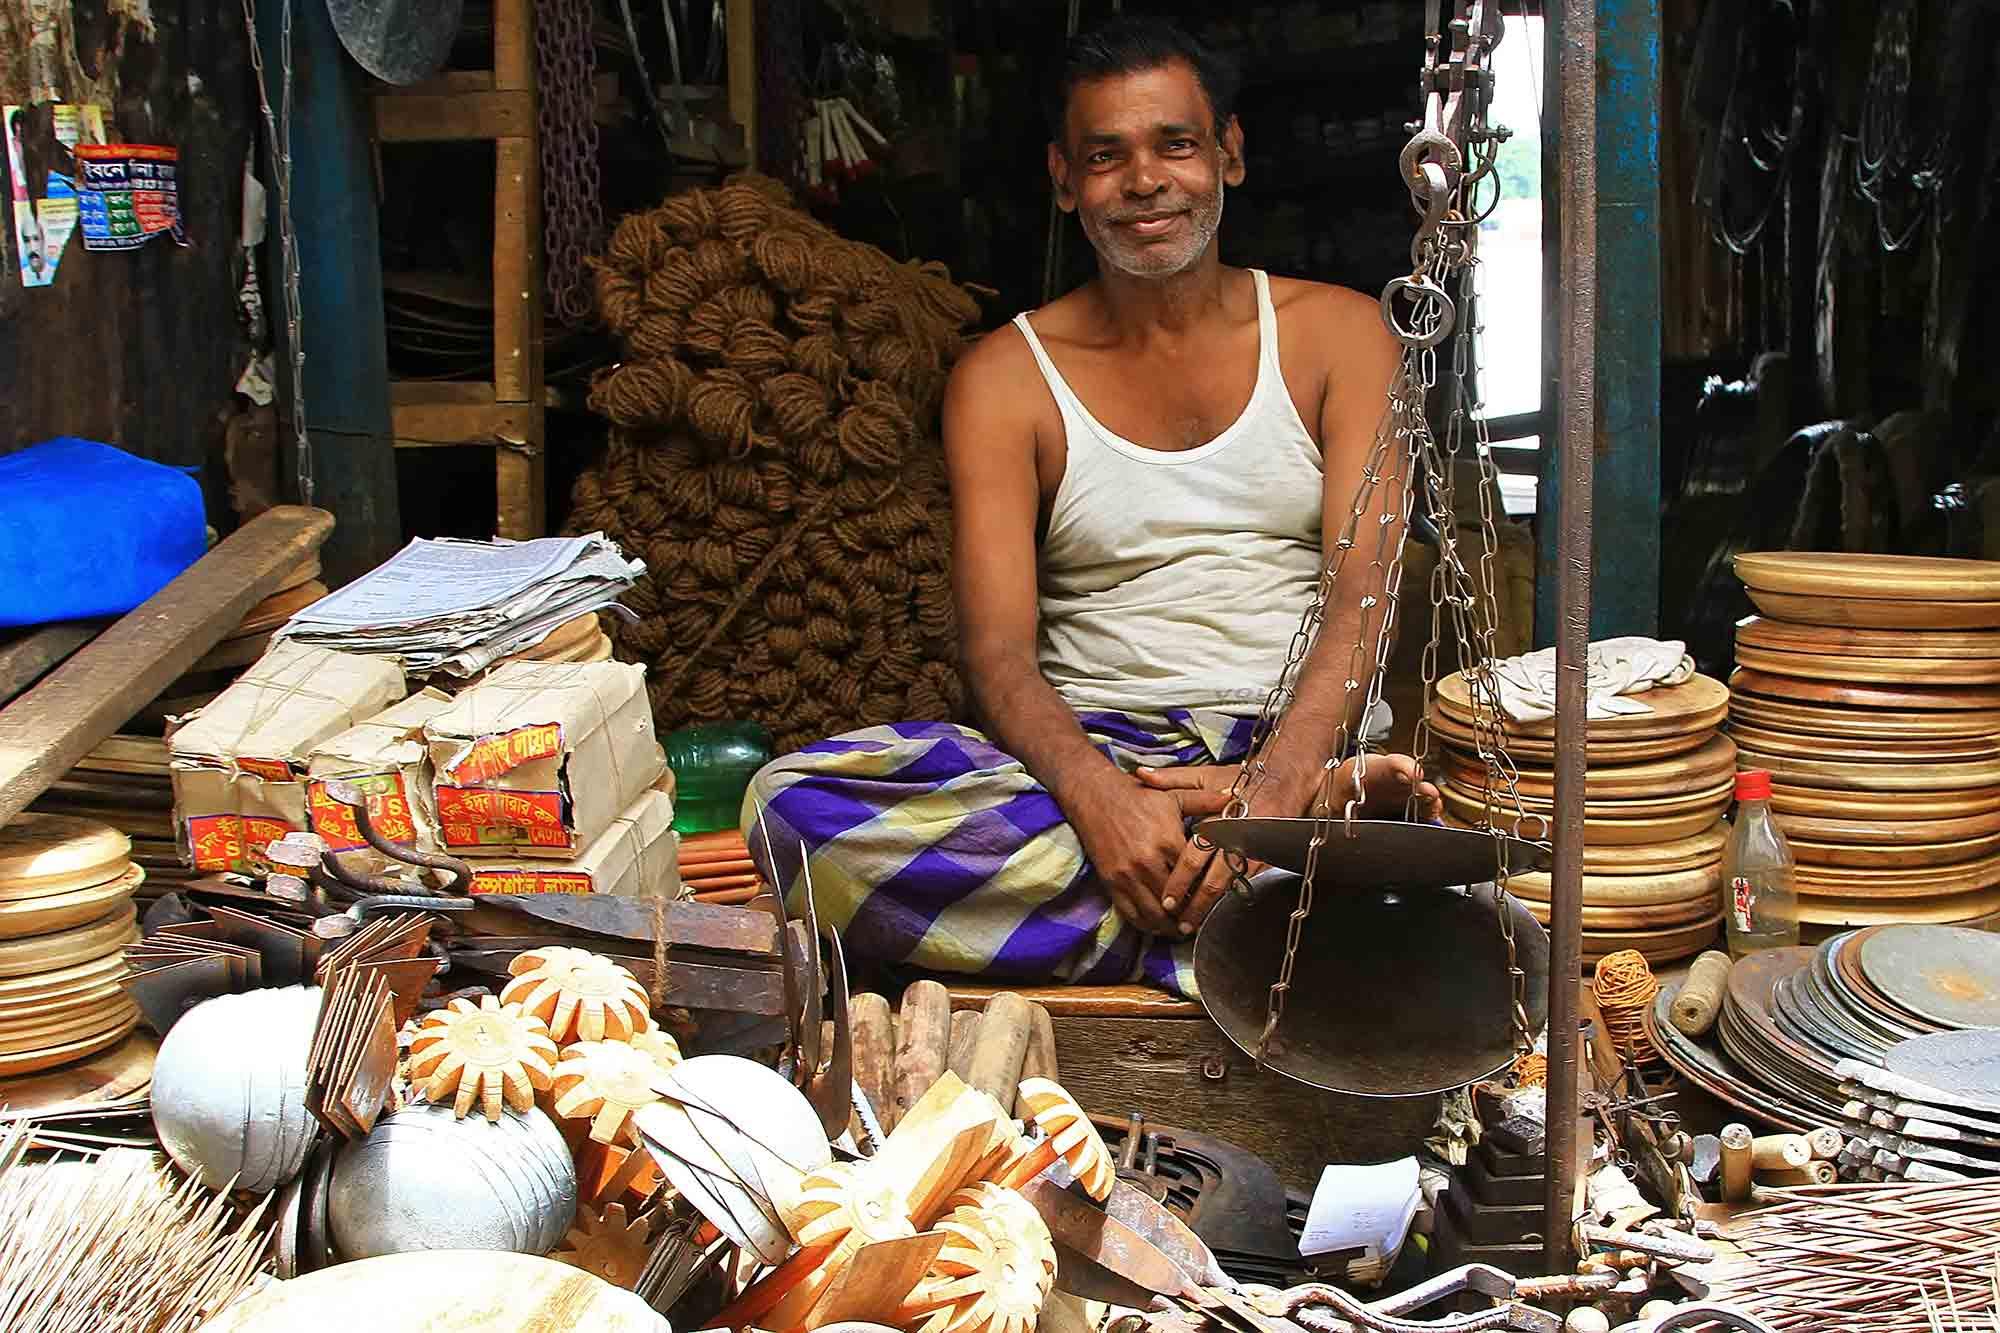 A market vendor in Khulna. © Ulli Maier & Nisa Maier